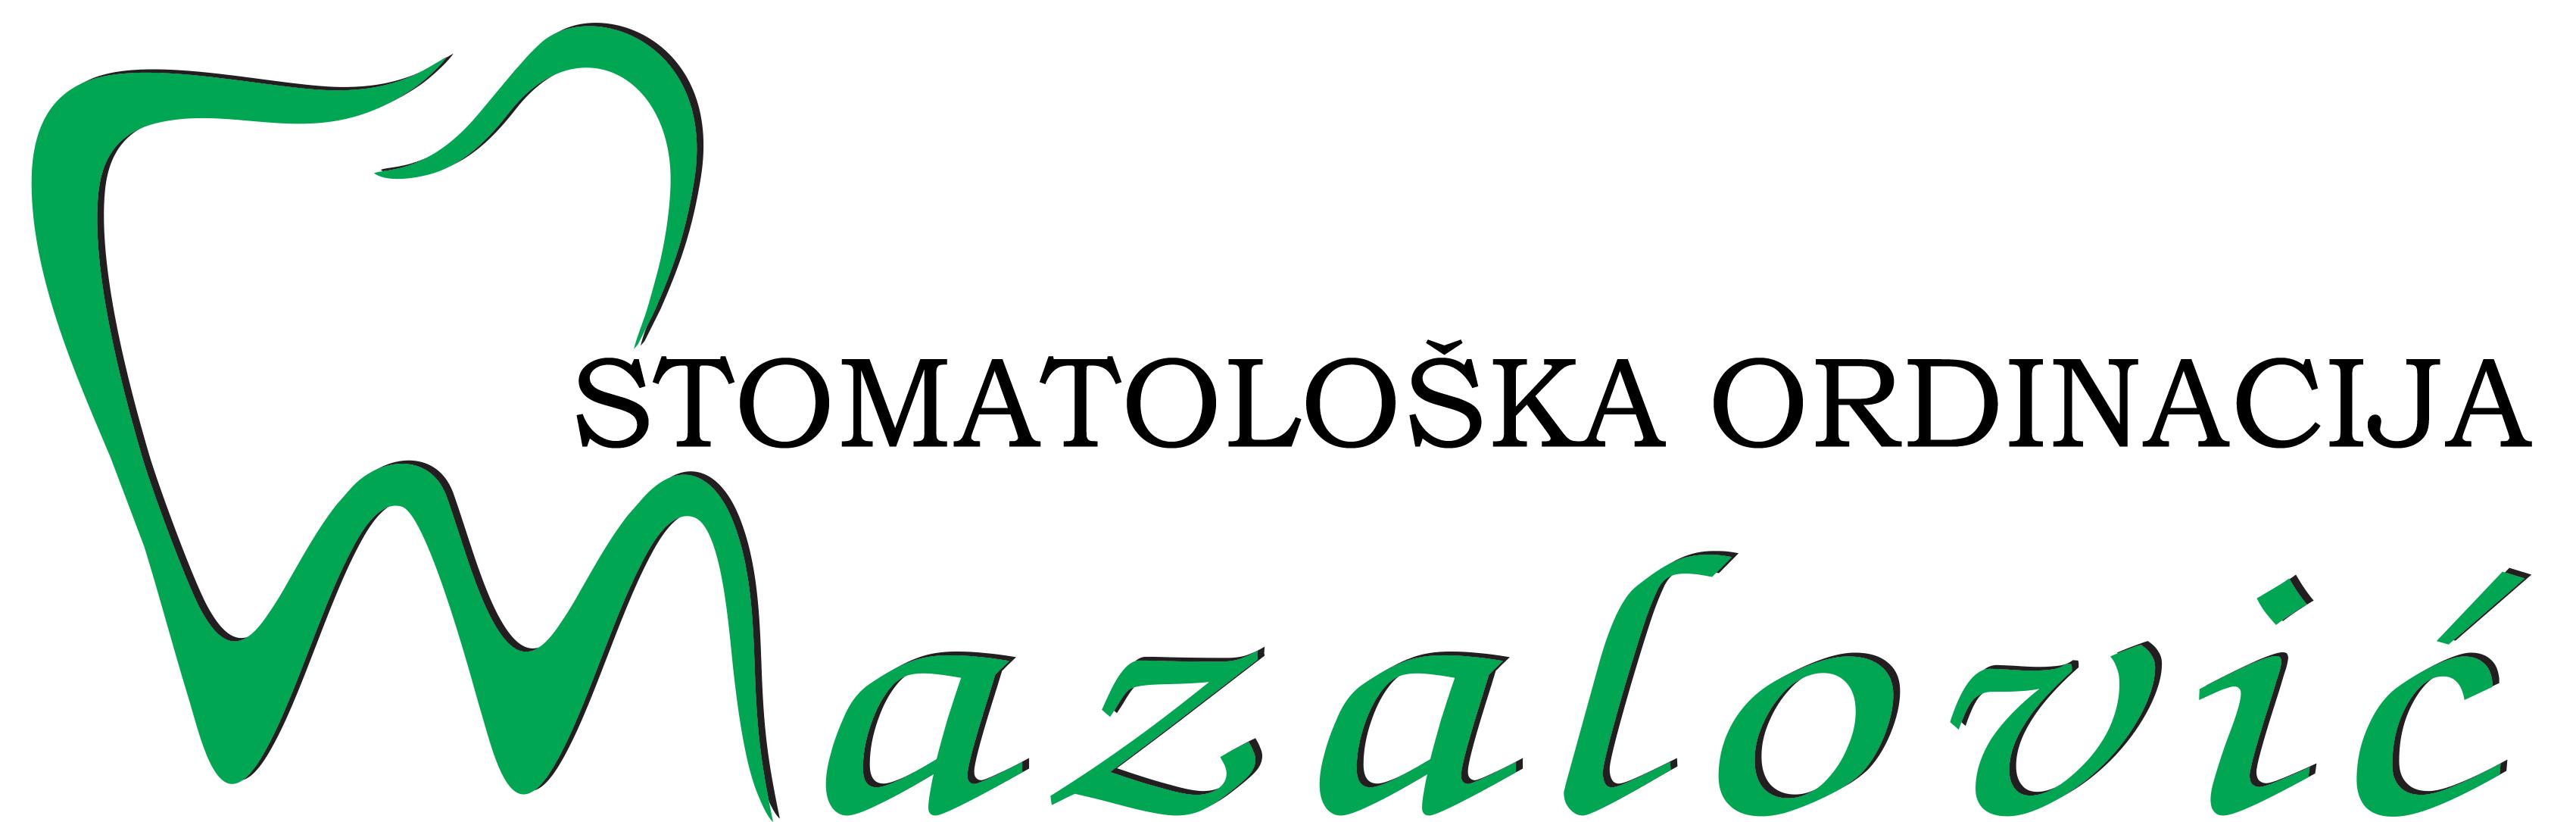 Dr. Mazalovic - Stomatološka ordinacija Tuzla